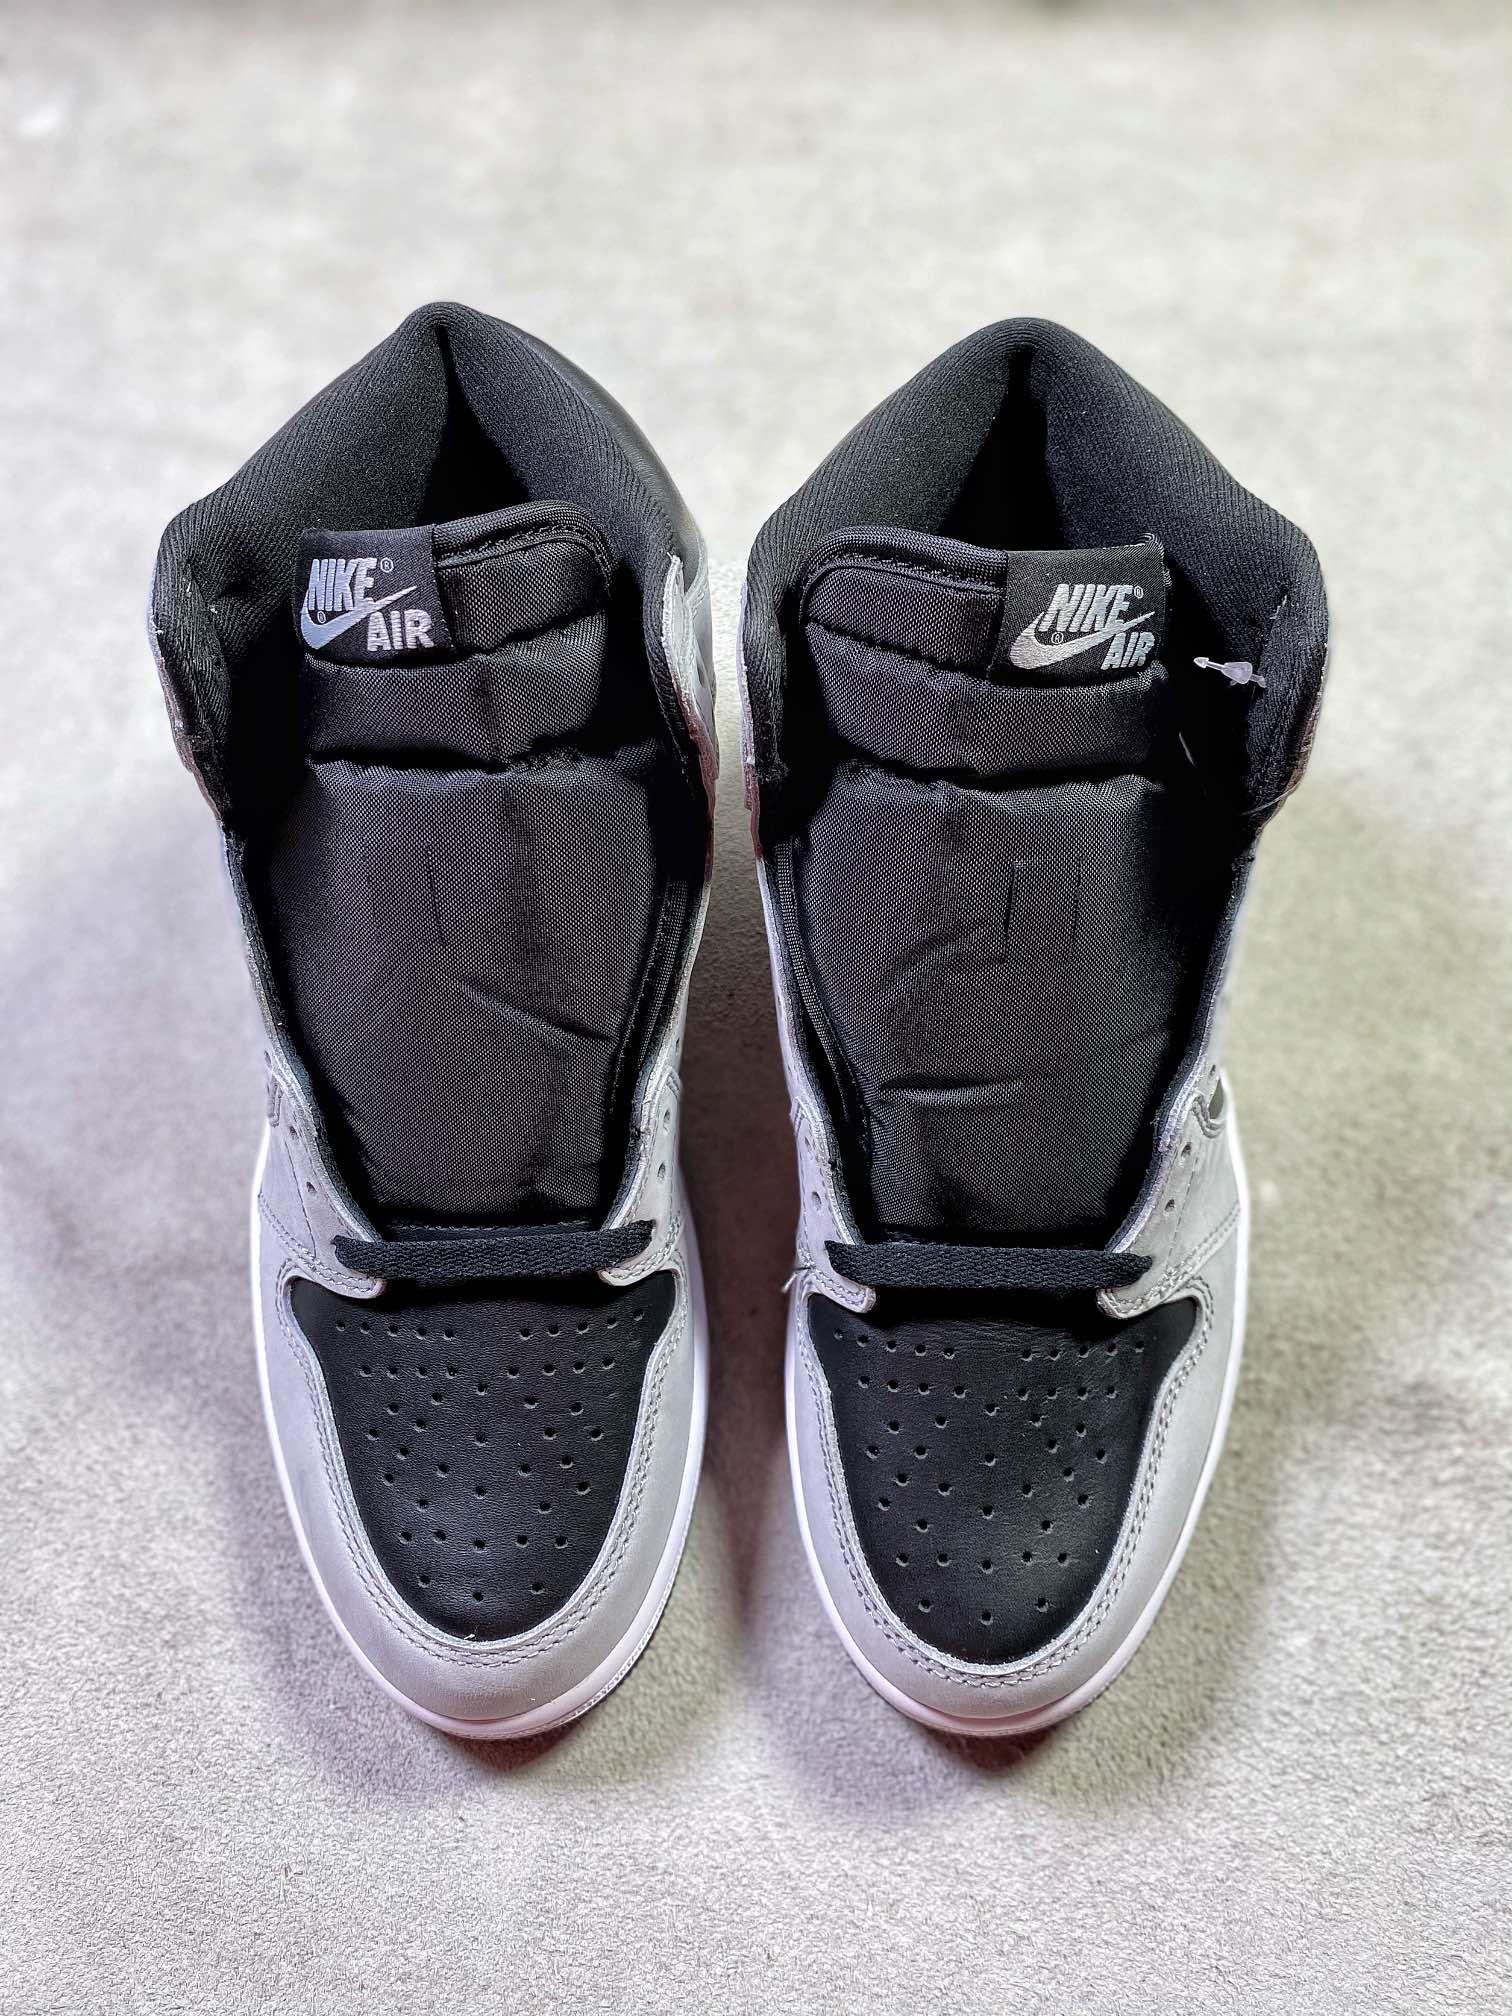 """货号:555088-035 影子灰2.0  Air Jordan1 High OG """"Shadow2.0 """"影子灰2.0_特供版aj"""